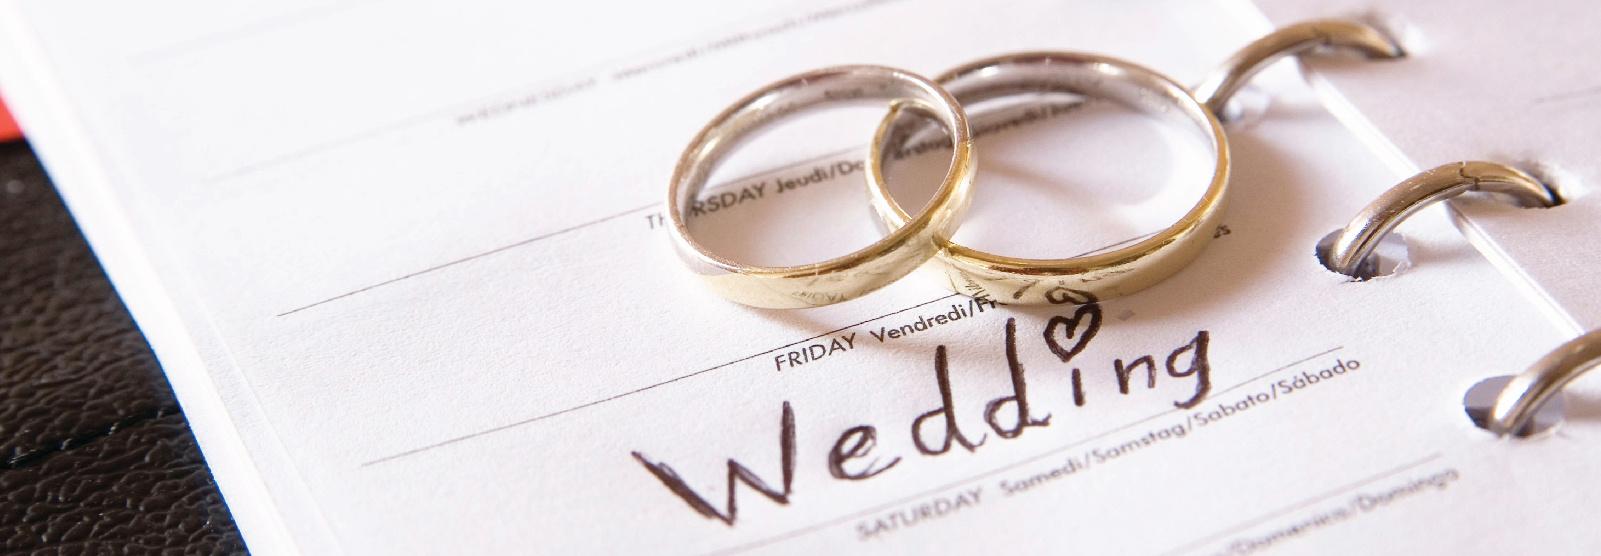 CBTS Wedding Planning Photo A